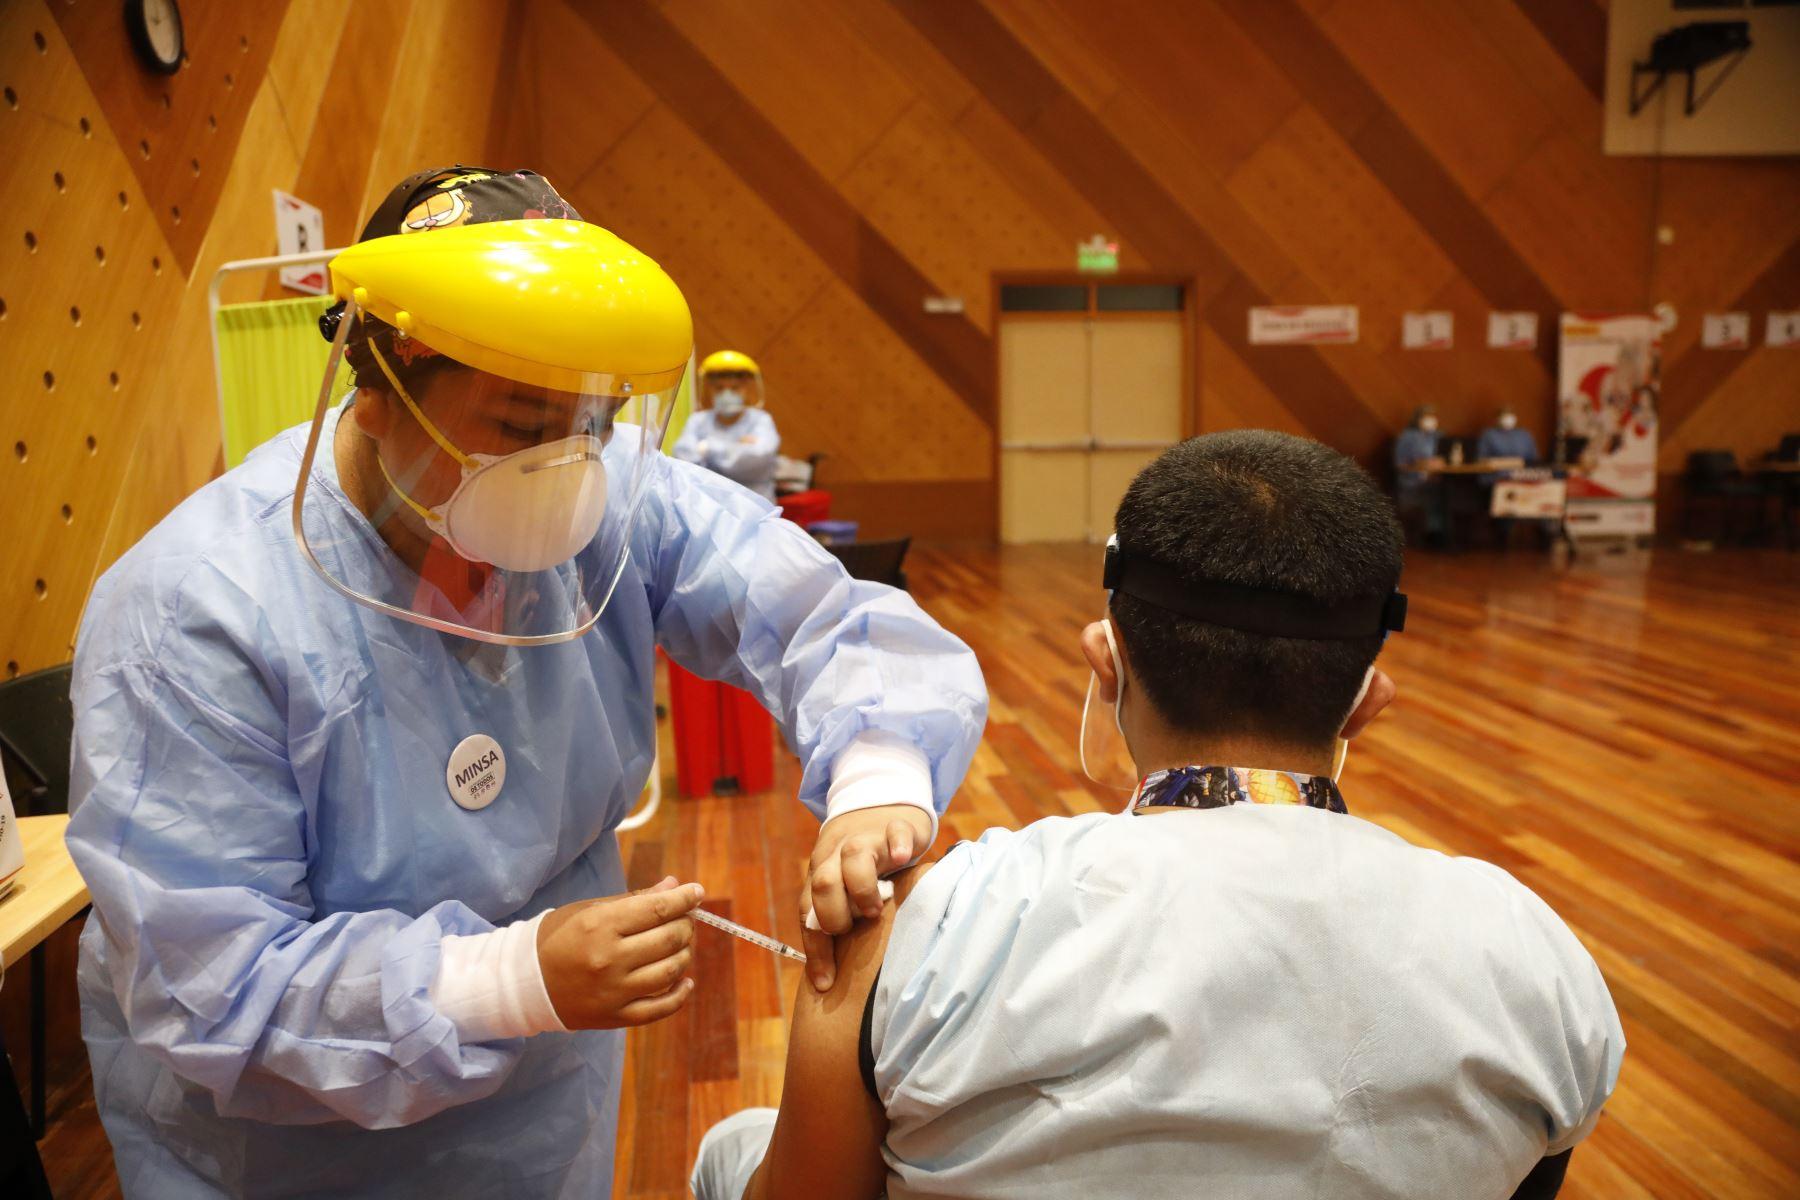 Cientos de profesionales de la salud de hospitales de Lima Metropolitana empezaron a recibir hoy la segunda dosis de la vacuna contra la covid-19. El Minsa desplegó brigadas de vacunadores para aplicar el reforzamiento a la primera línea frente a la pandemia.  Foto: Minsa